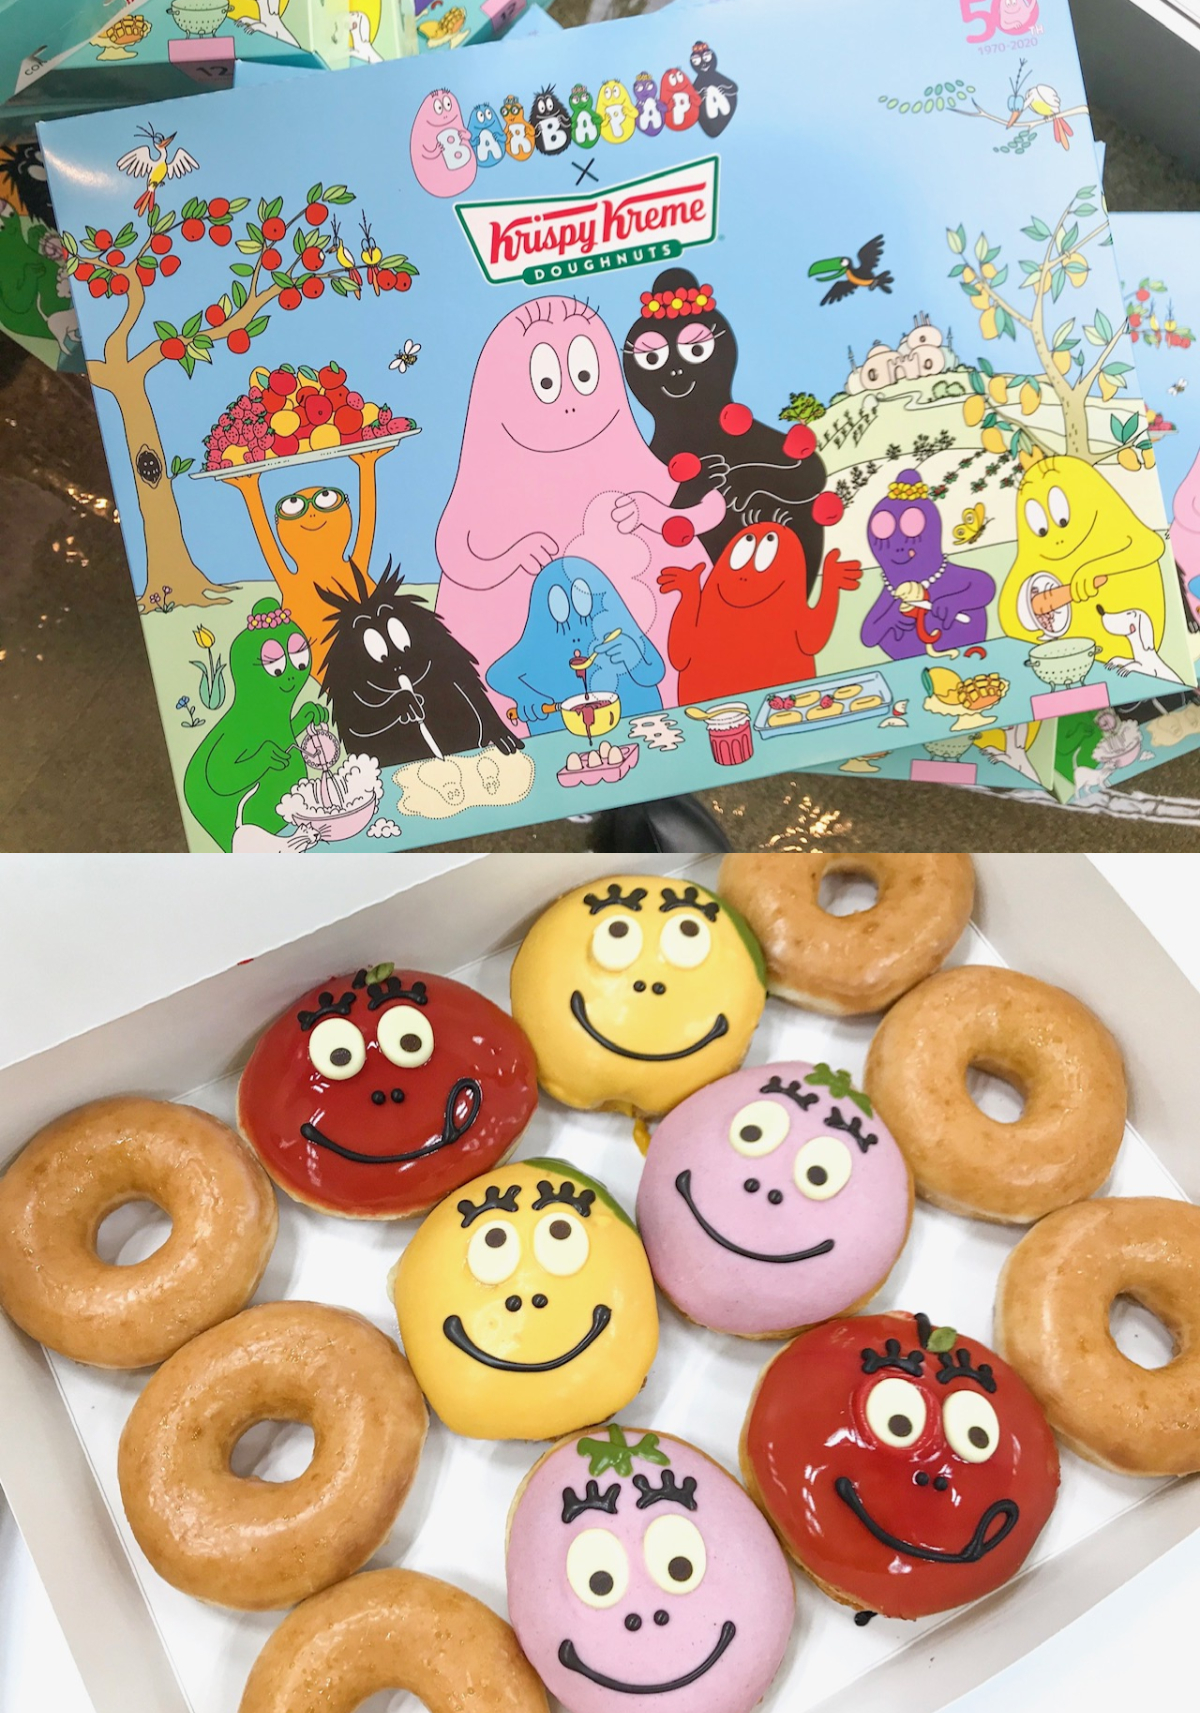 『クリスピー・クリーム・ドーナツ』の期間限定ドーナツに、バーバパパコラボが登場。可愛くてフルーティーな味わいにきゅん♡ PhotoGallery_1_3